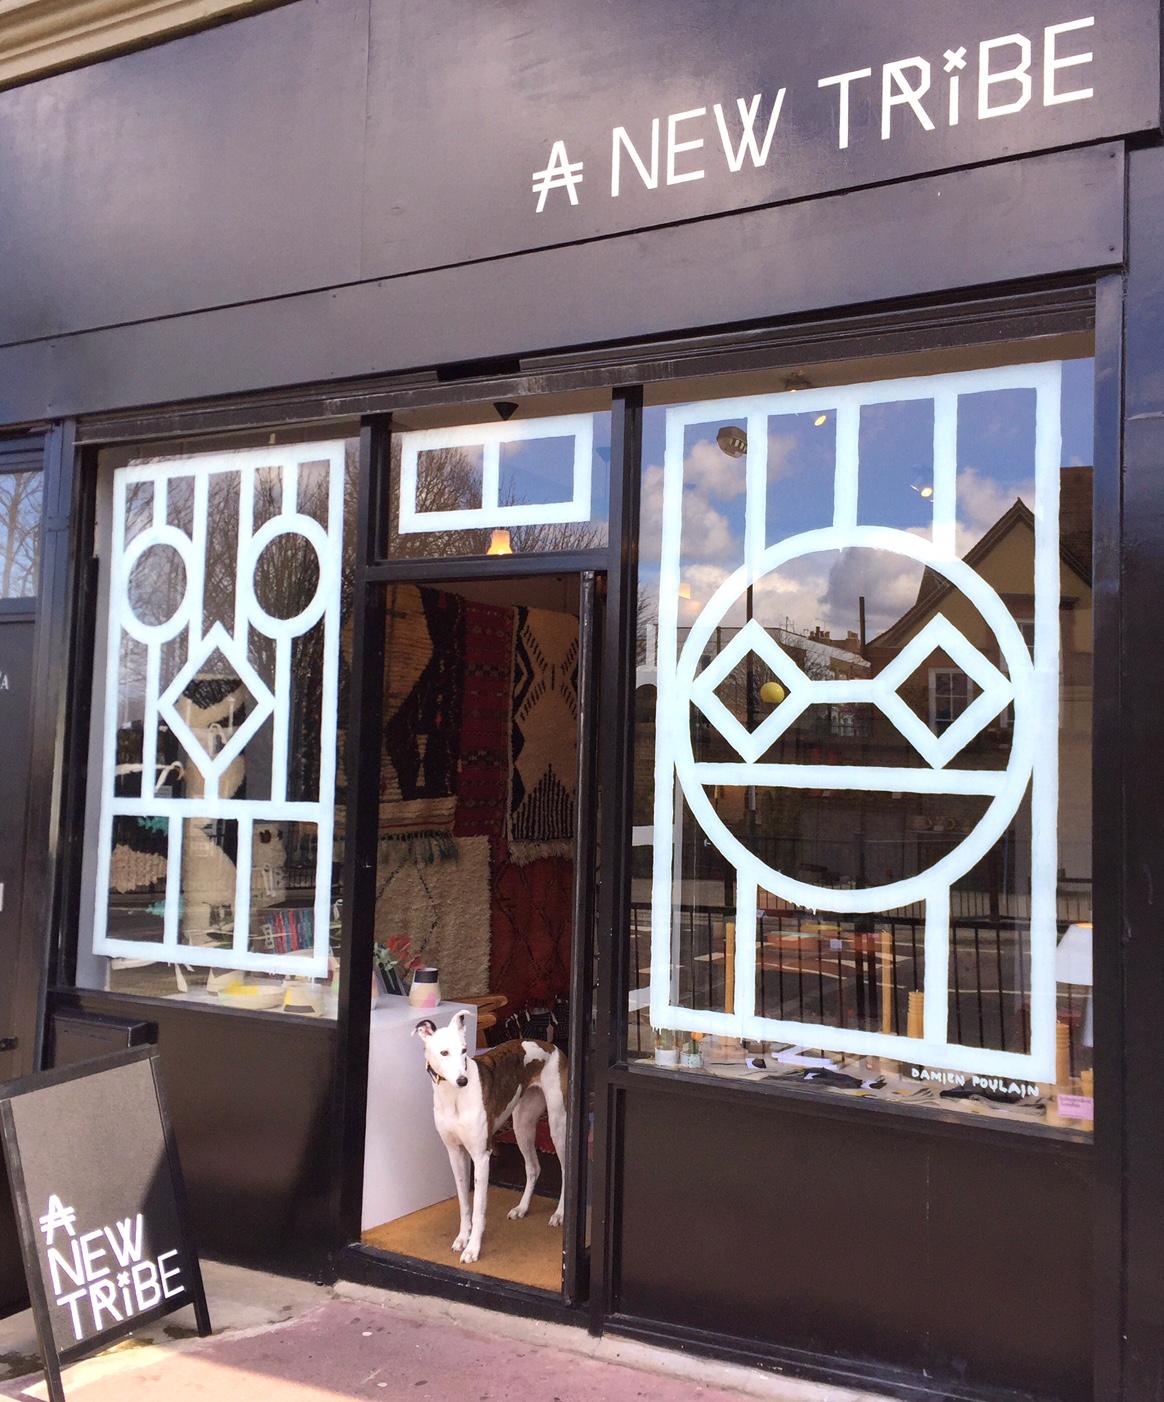 Damien Poulain Window Design